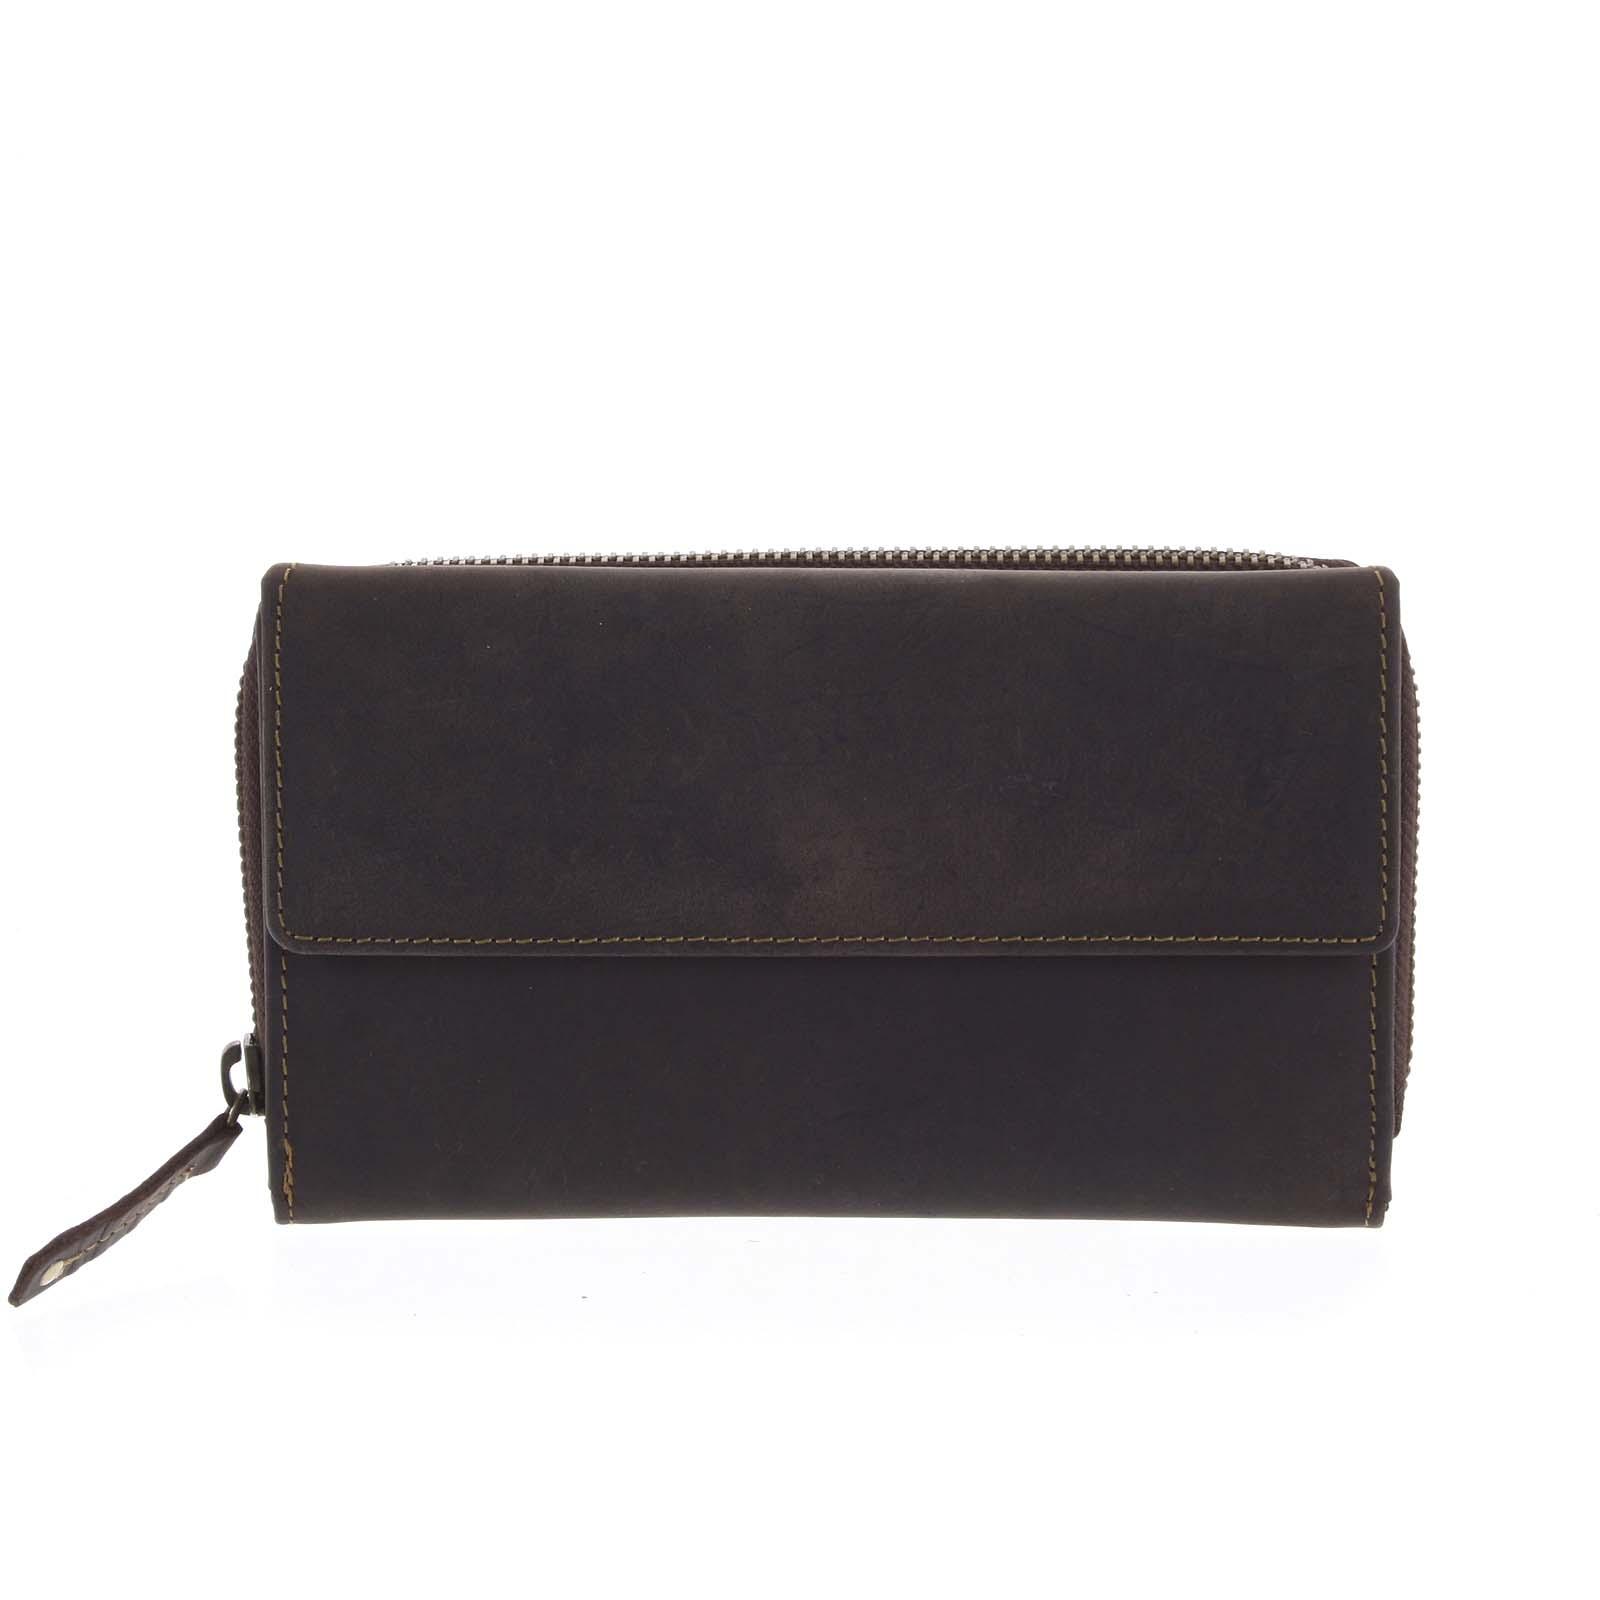 Dámská kožená peněženka tmavě hnědá - Tomas Menmaiya hnědá